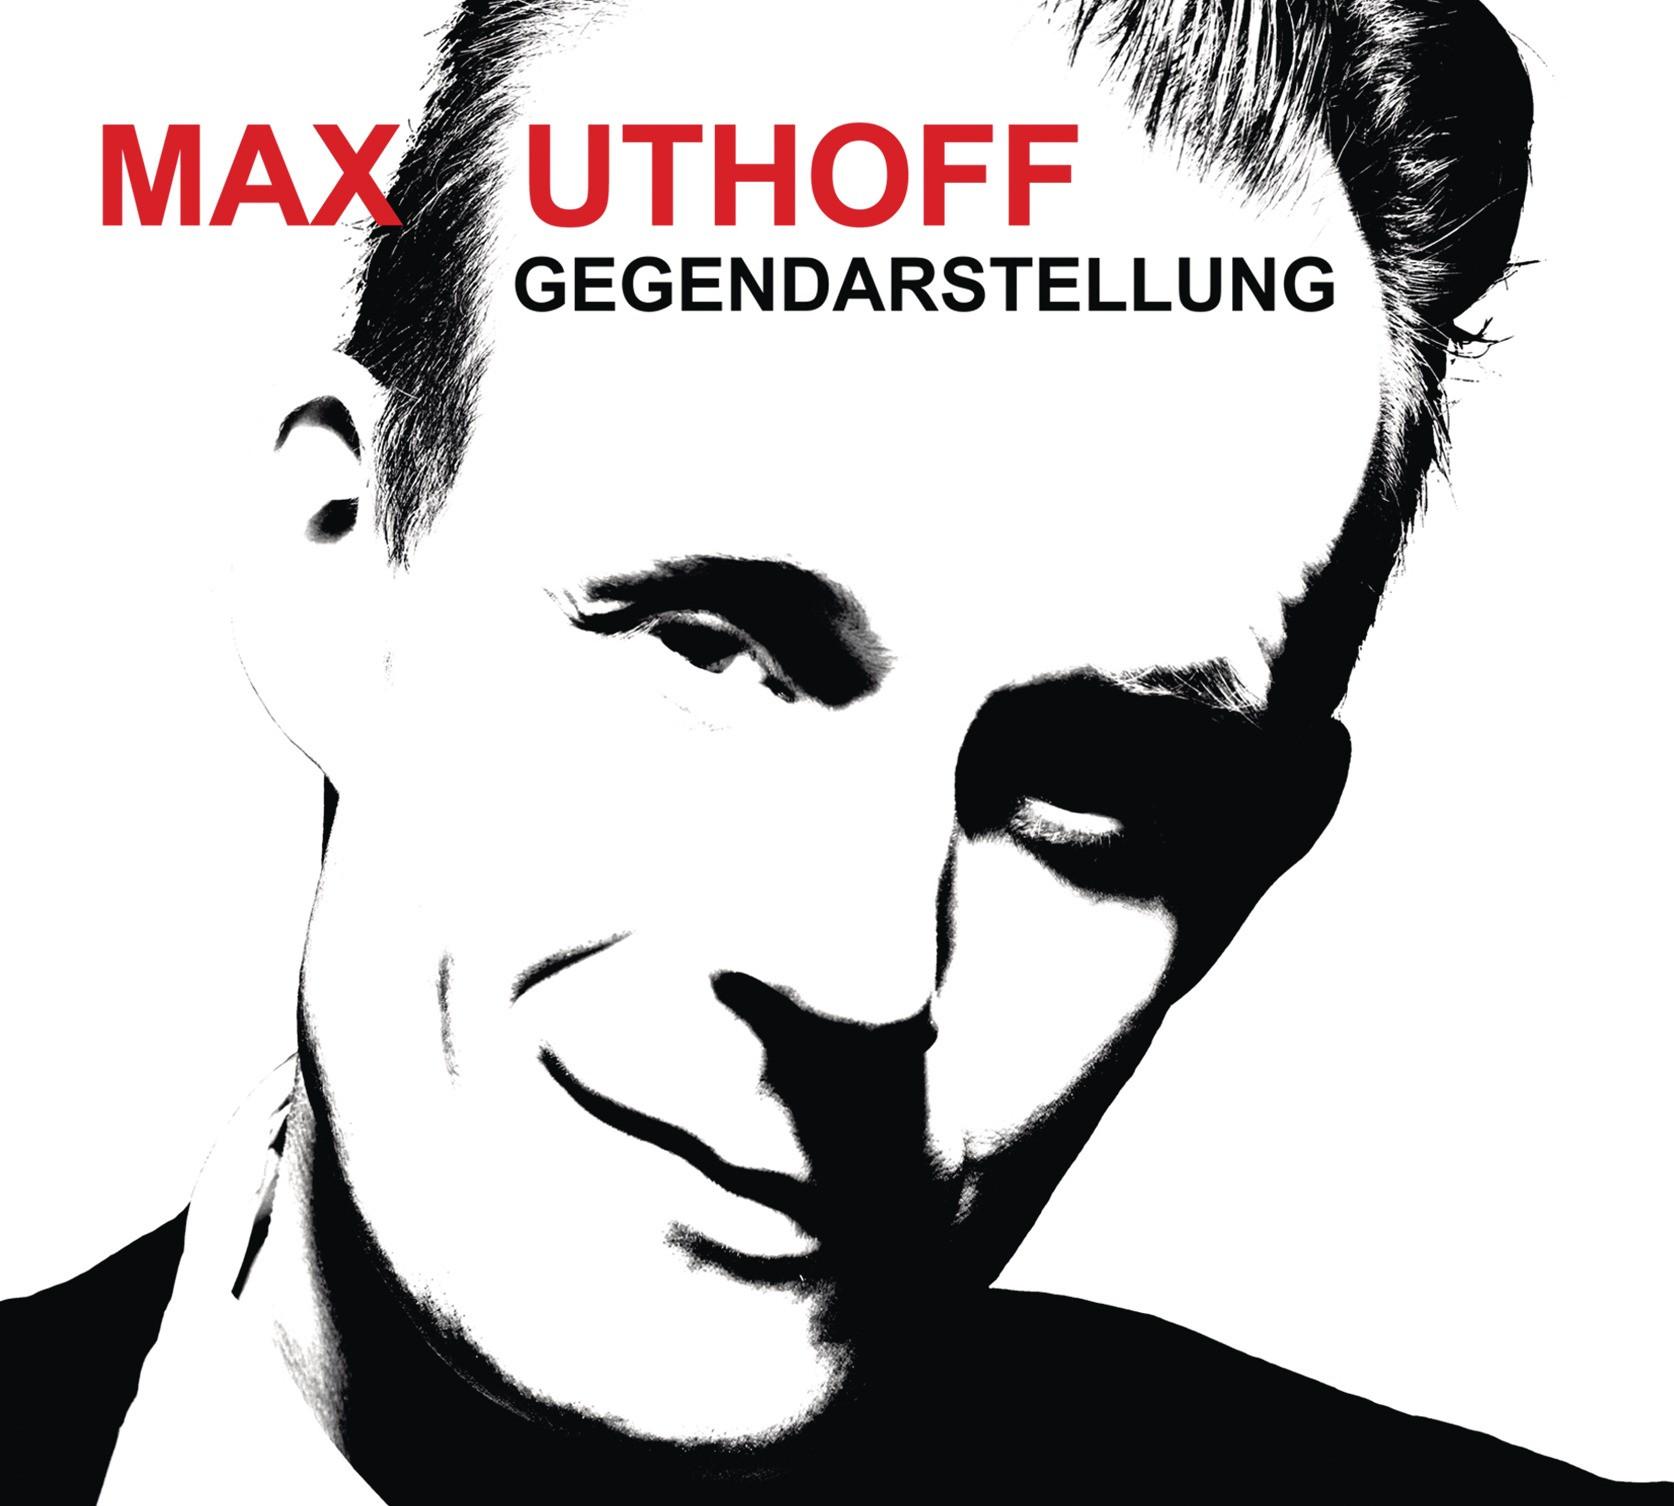 Max Uthoff - Gegendarstellung